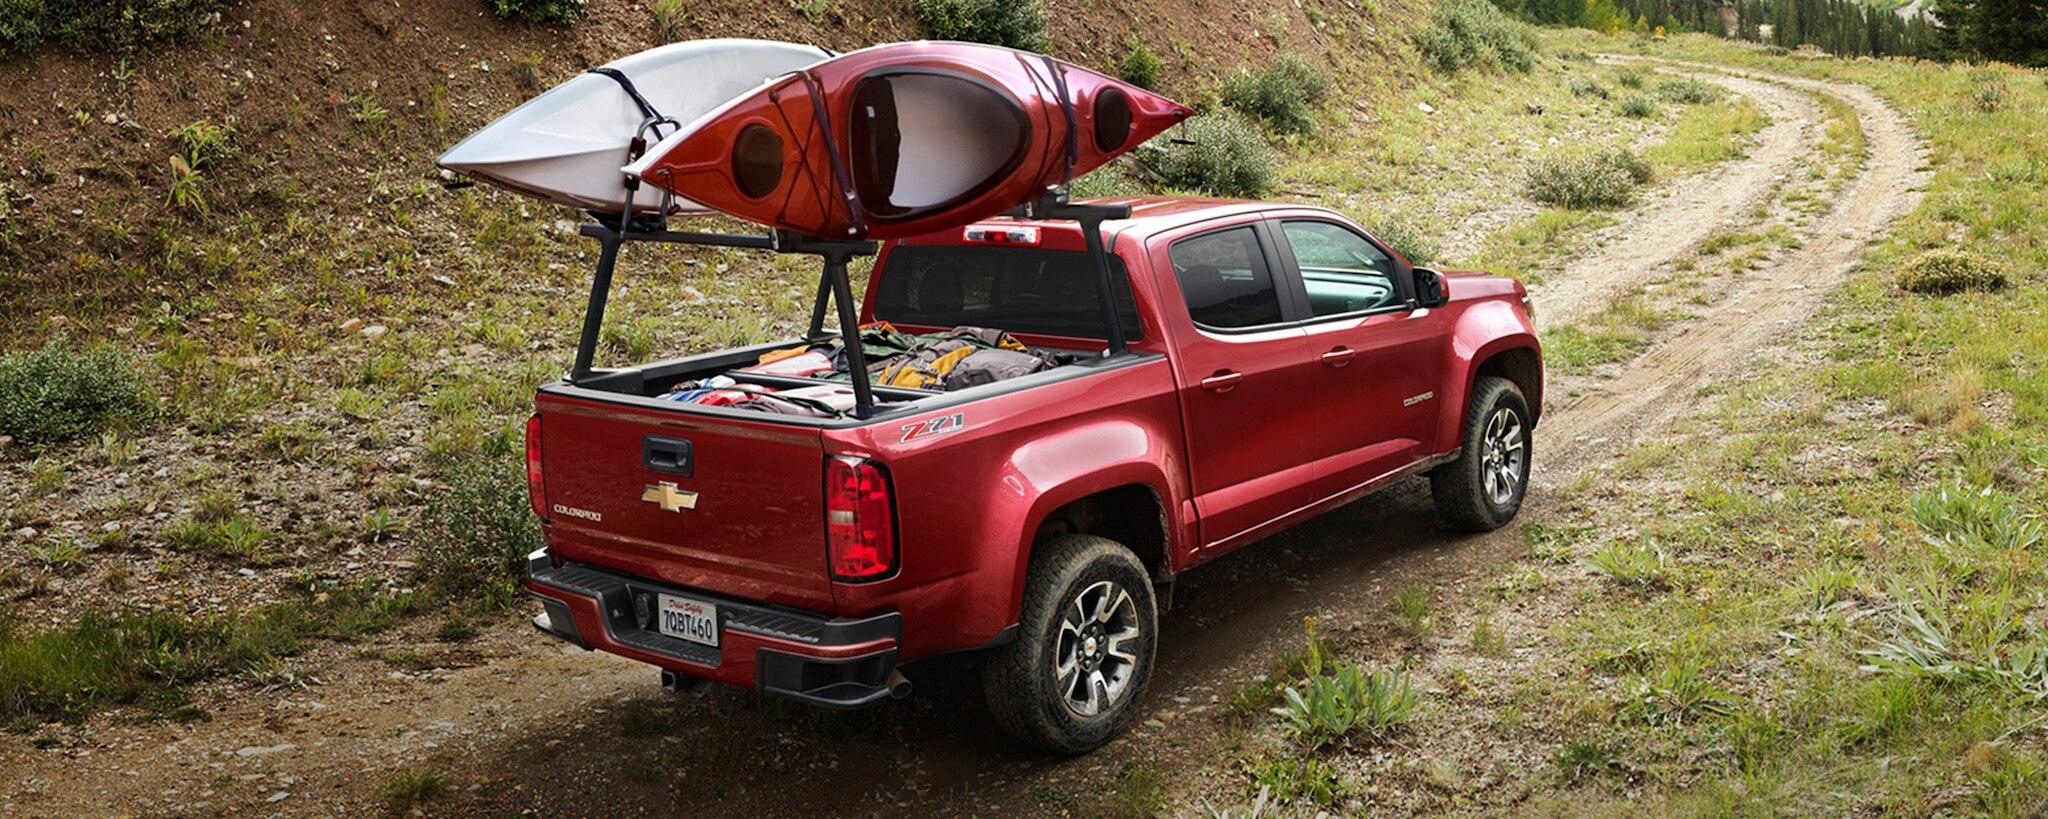 Vive divertidas aventuras a bordo de tu Chevy Colorado 2020.